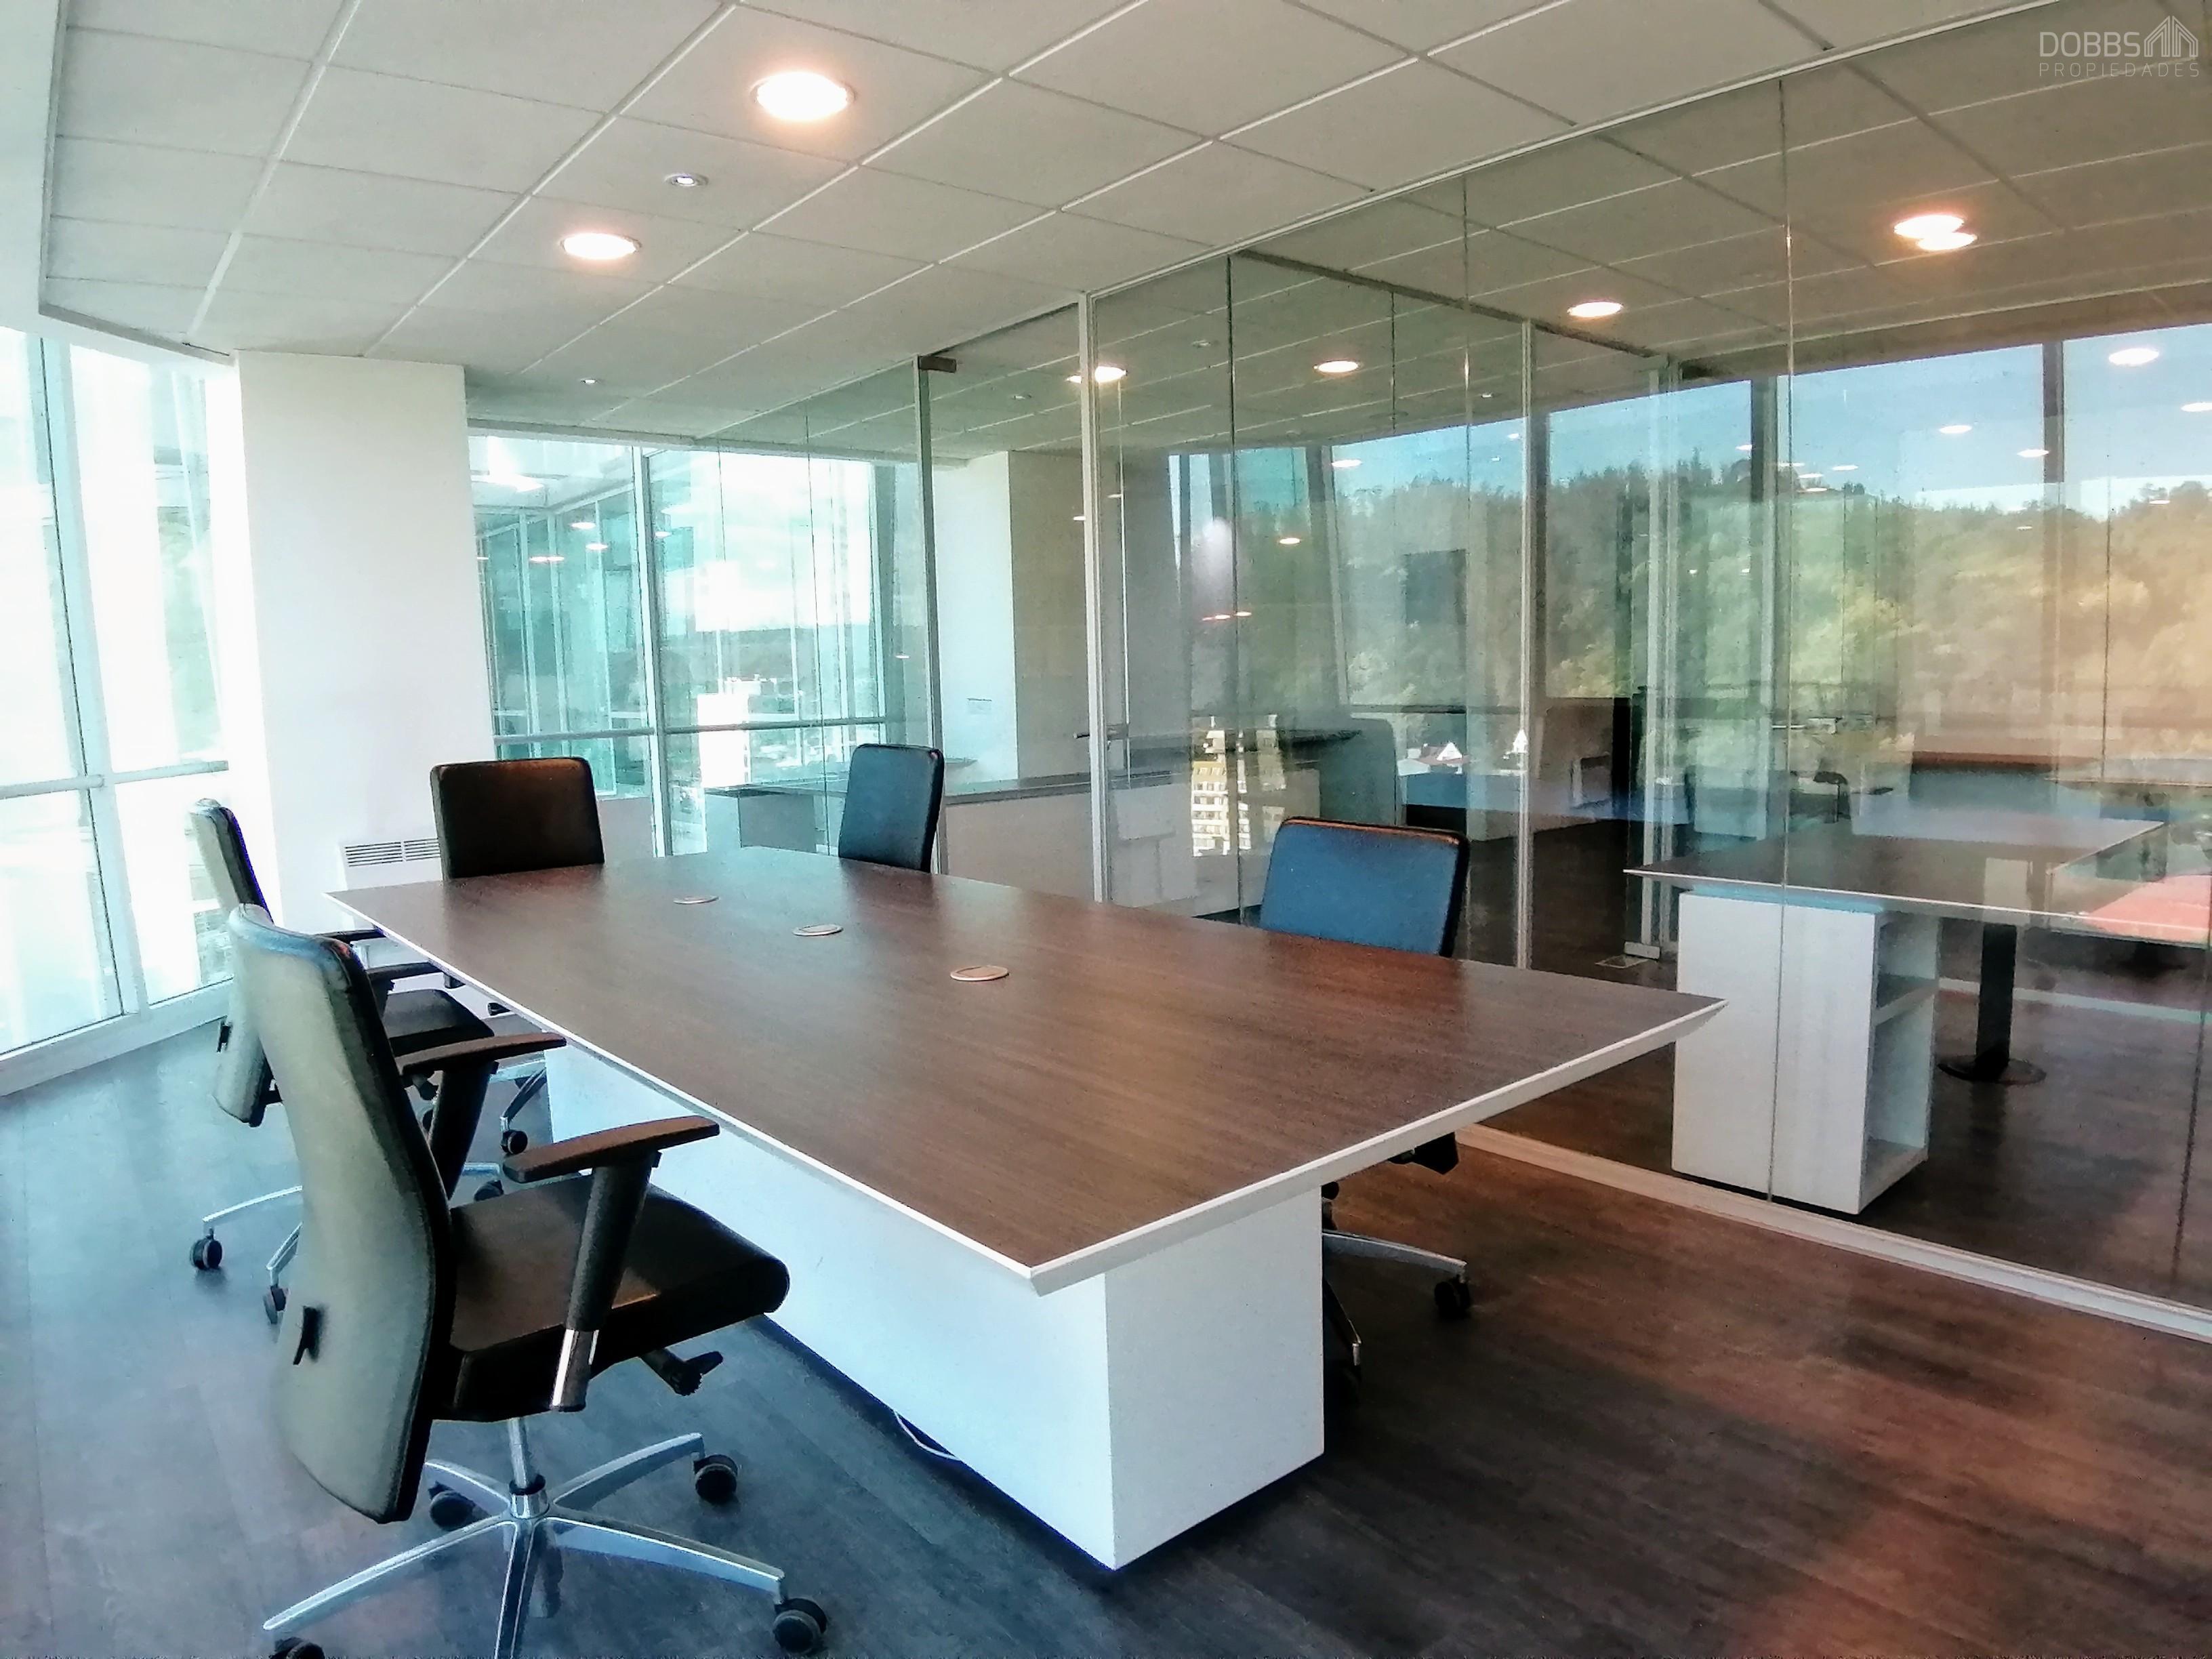 Oficina 95m2, Amoblada, Edificio Centro Plaza